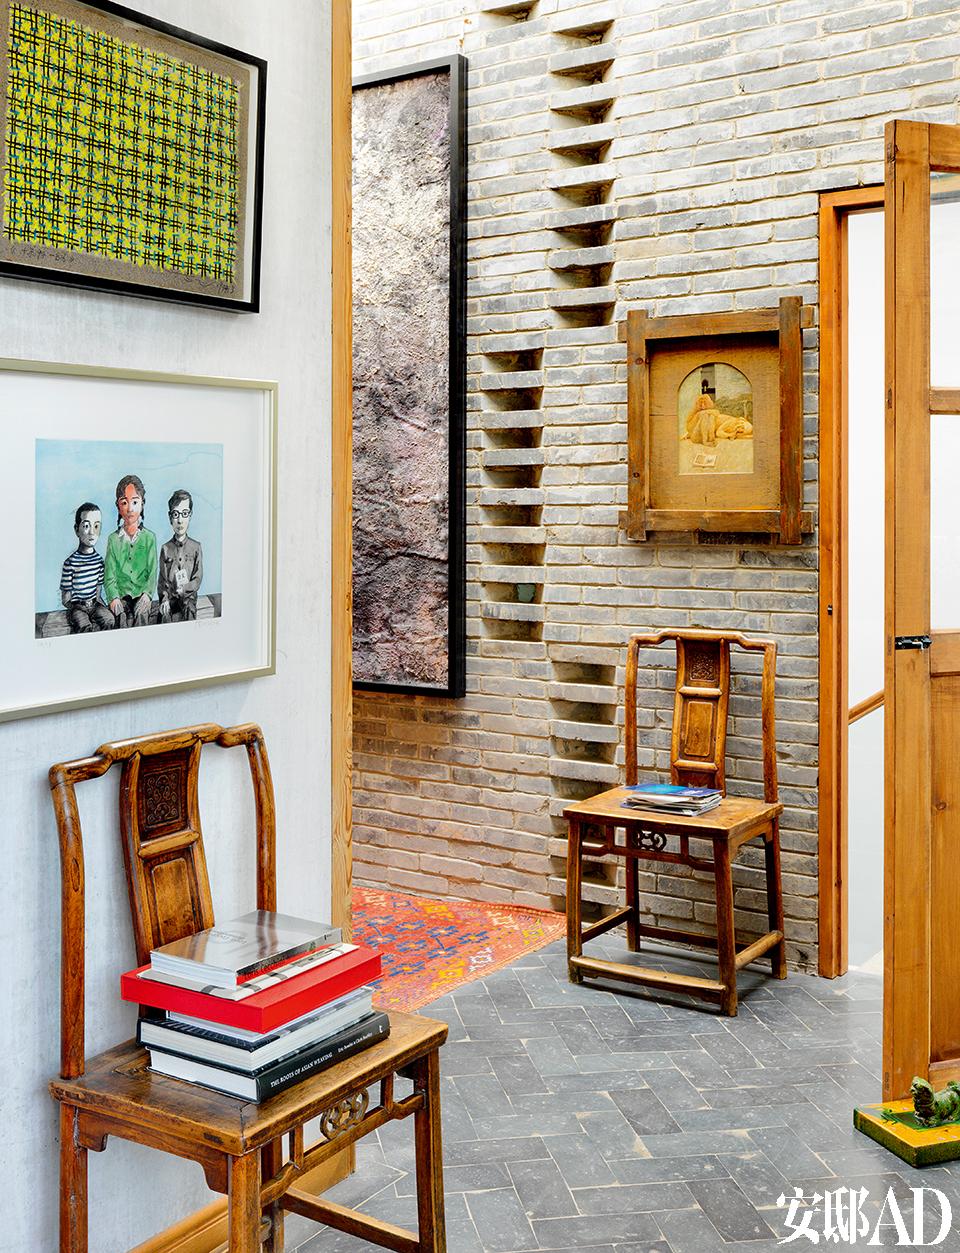 """""""我喜欢把当 代艺术品放在 有历史的环境里,这种对比很有意思。""""左墙的上方挂着艺术家丁乙的作品。下方是去年添置的艺术家张晓刚的铜版画,以兄弟姐妹为主题,Juan非常喜欢这个创作角度。"""